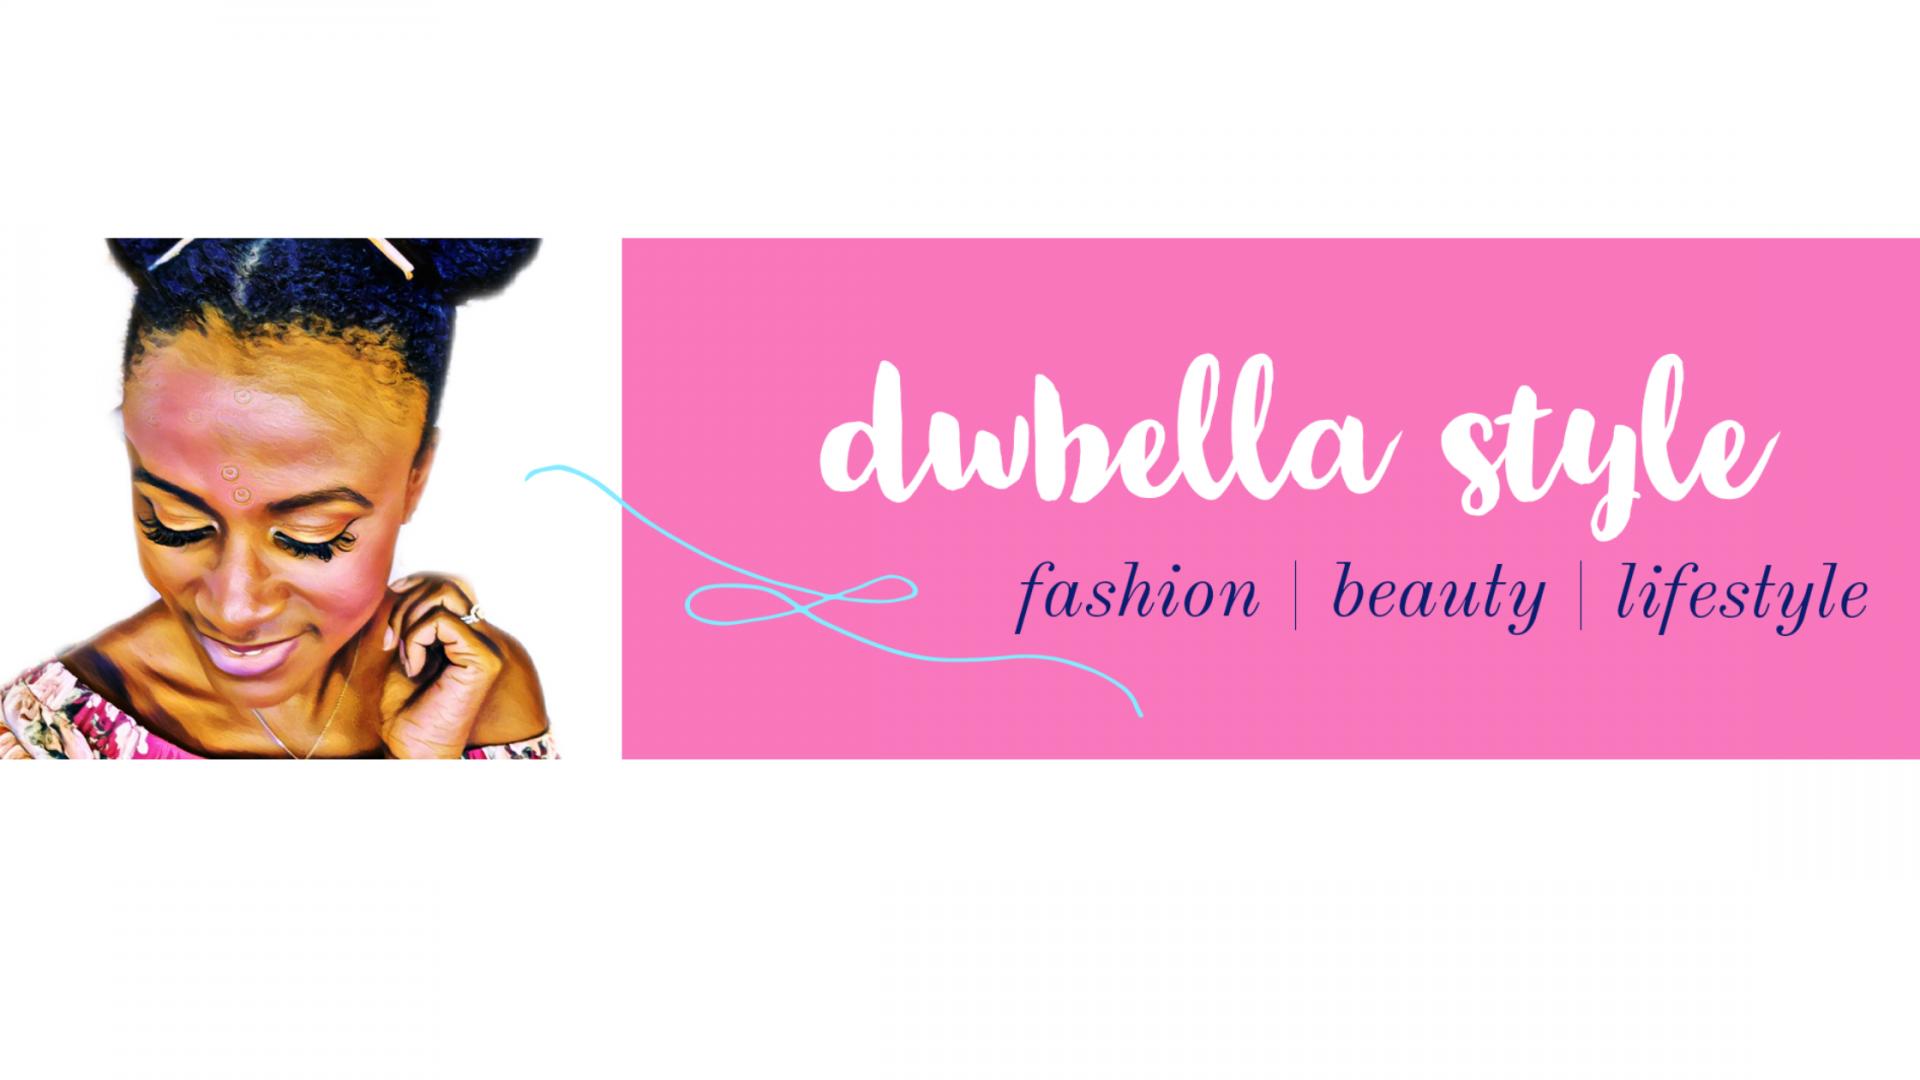 dwbella style